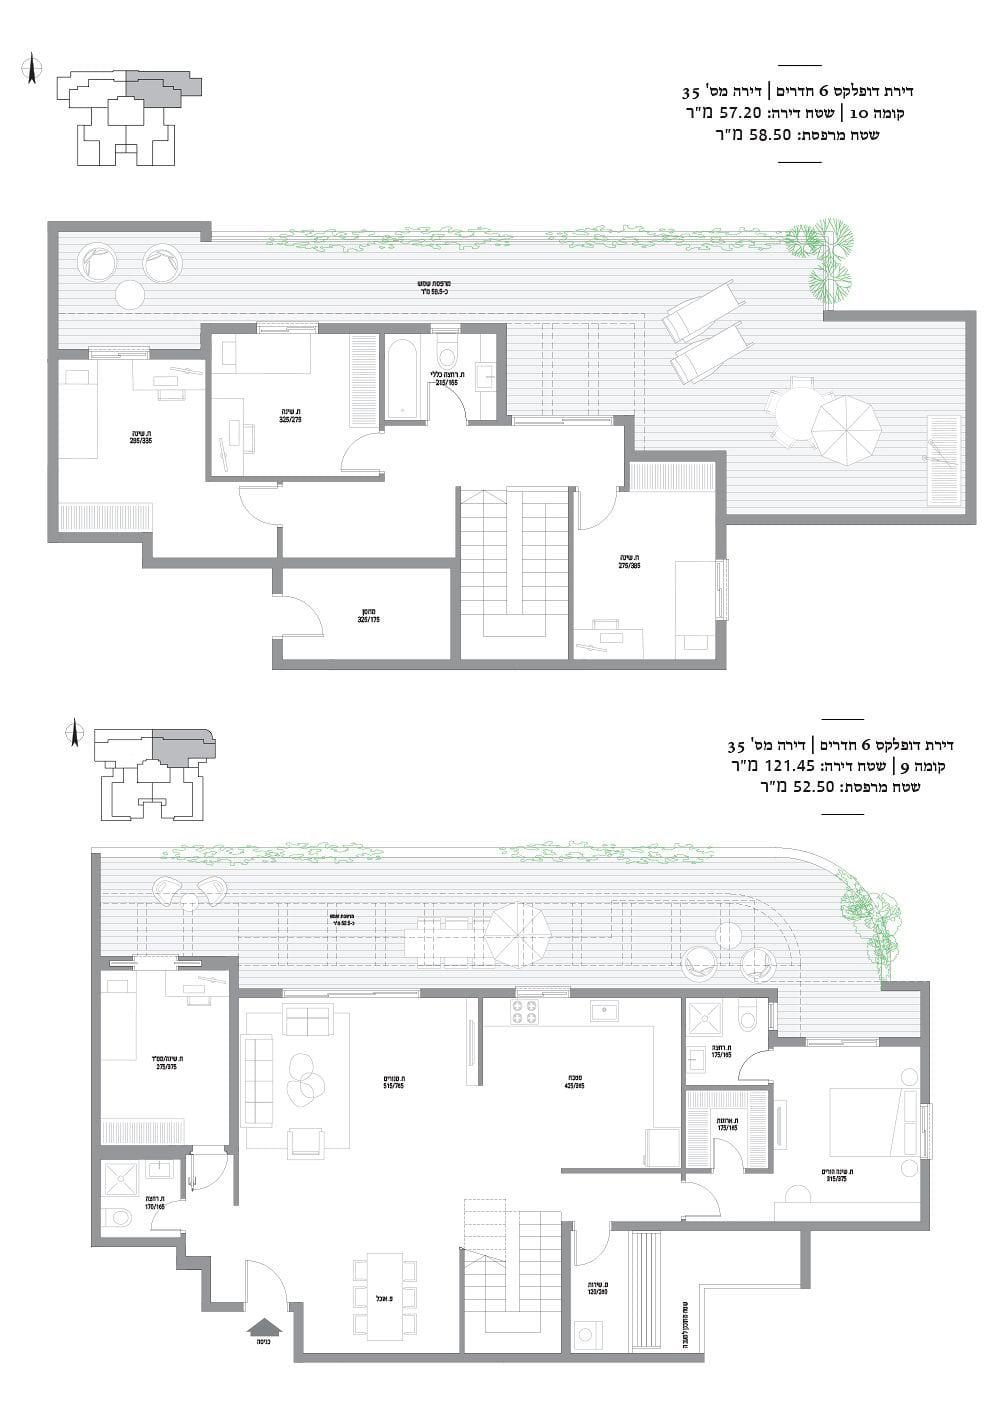 דופלקס 6 חדרים מספר35 : קומות 9-10 sold out!